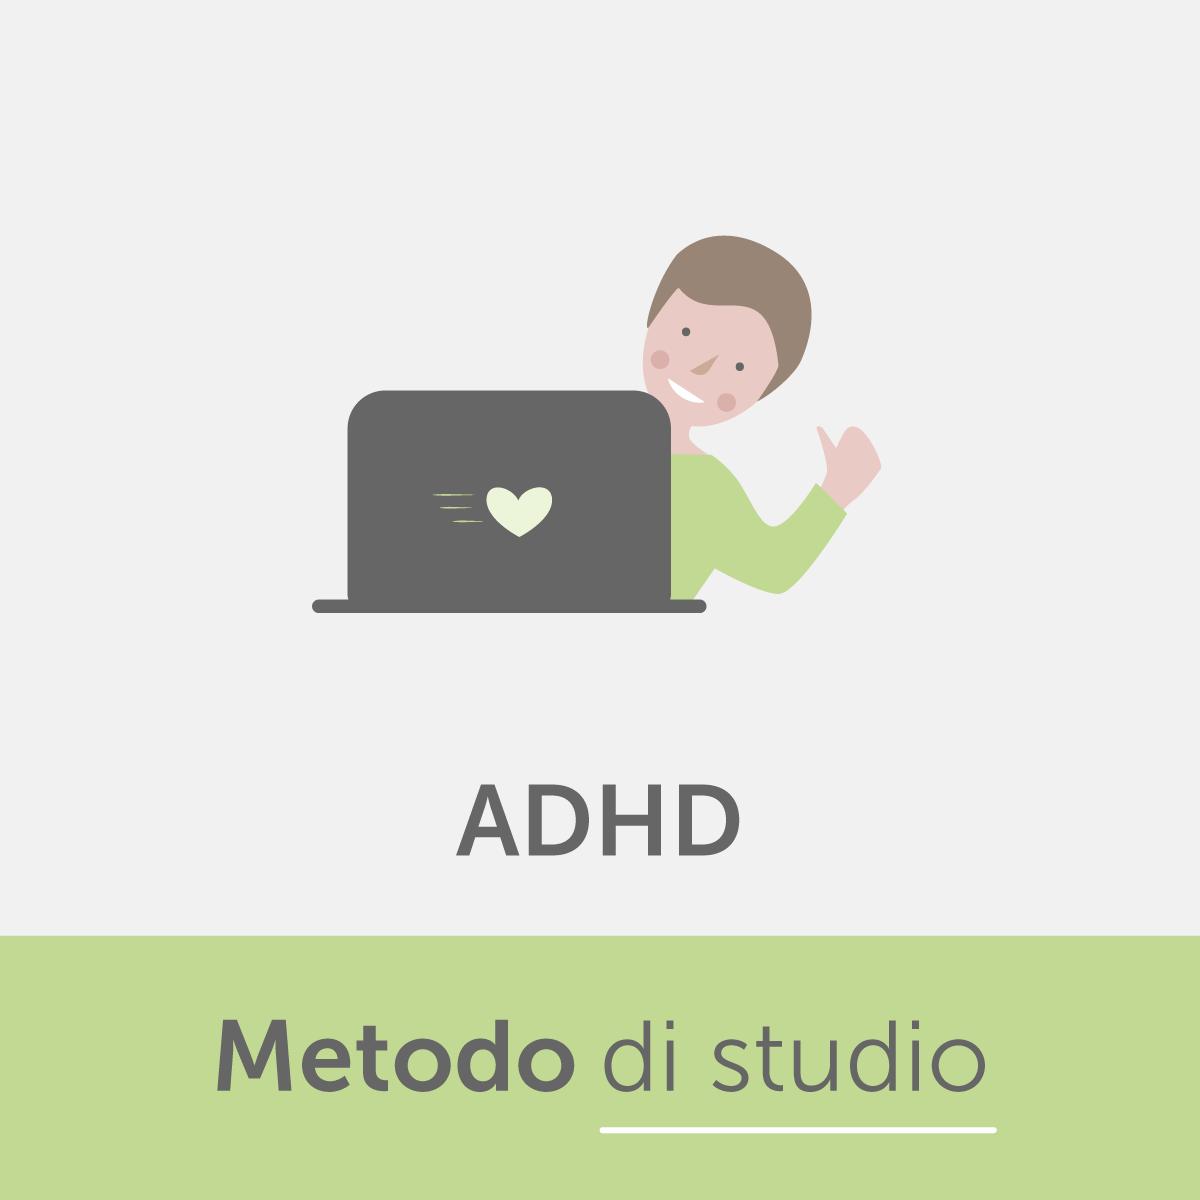 Metodo di studio ADHD